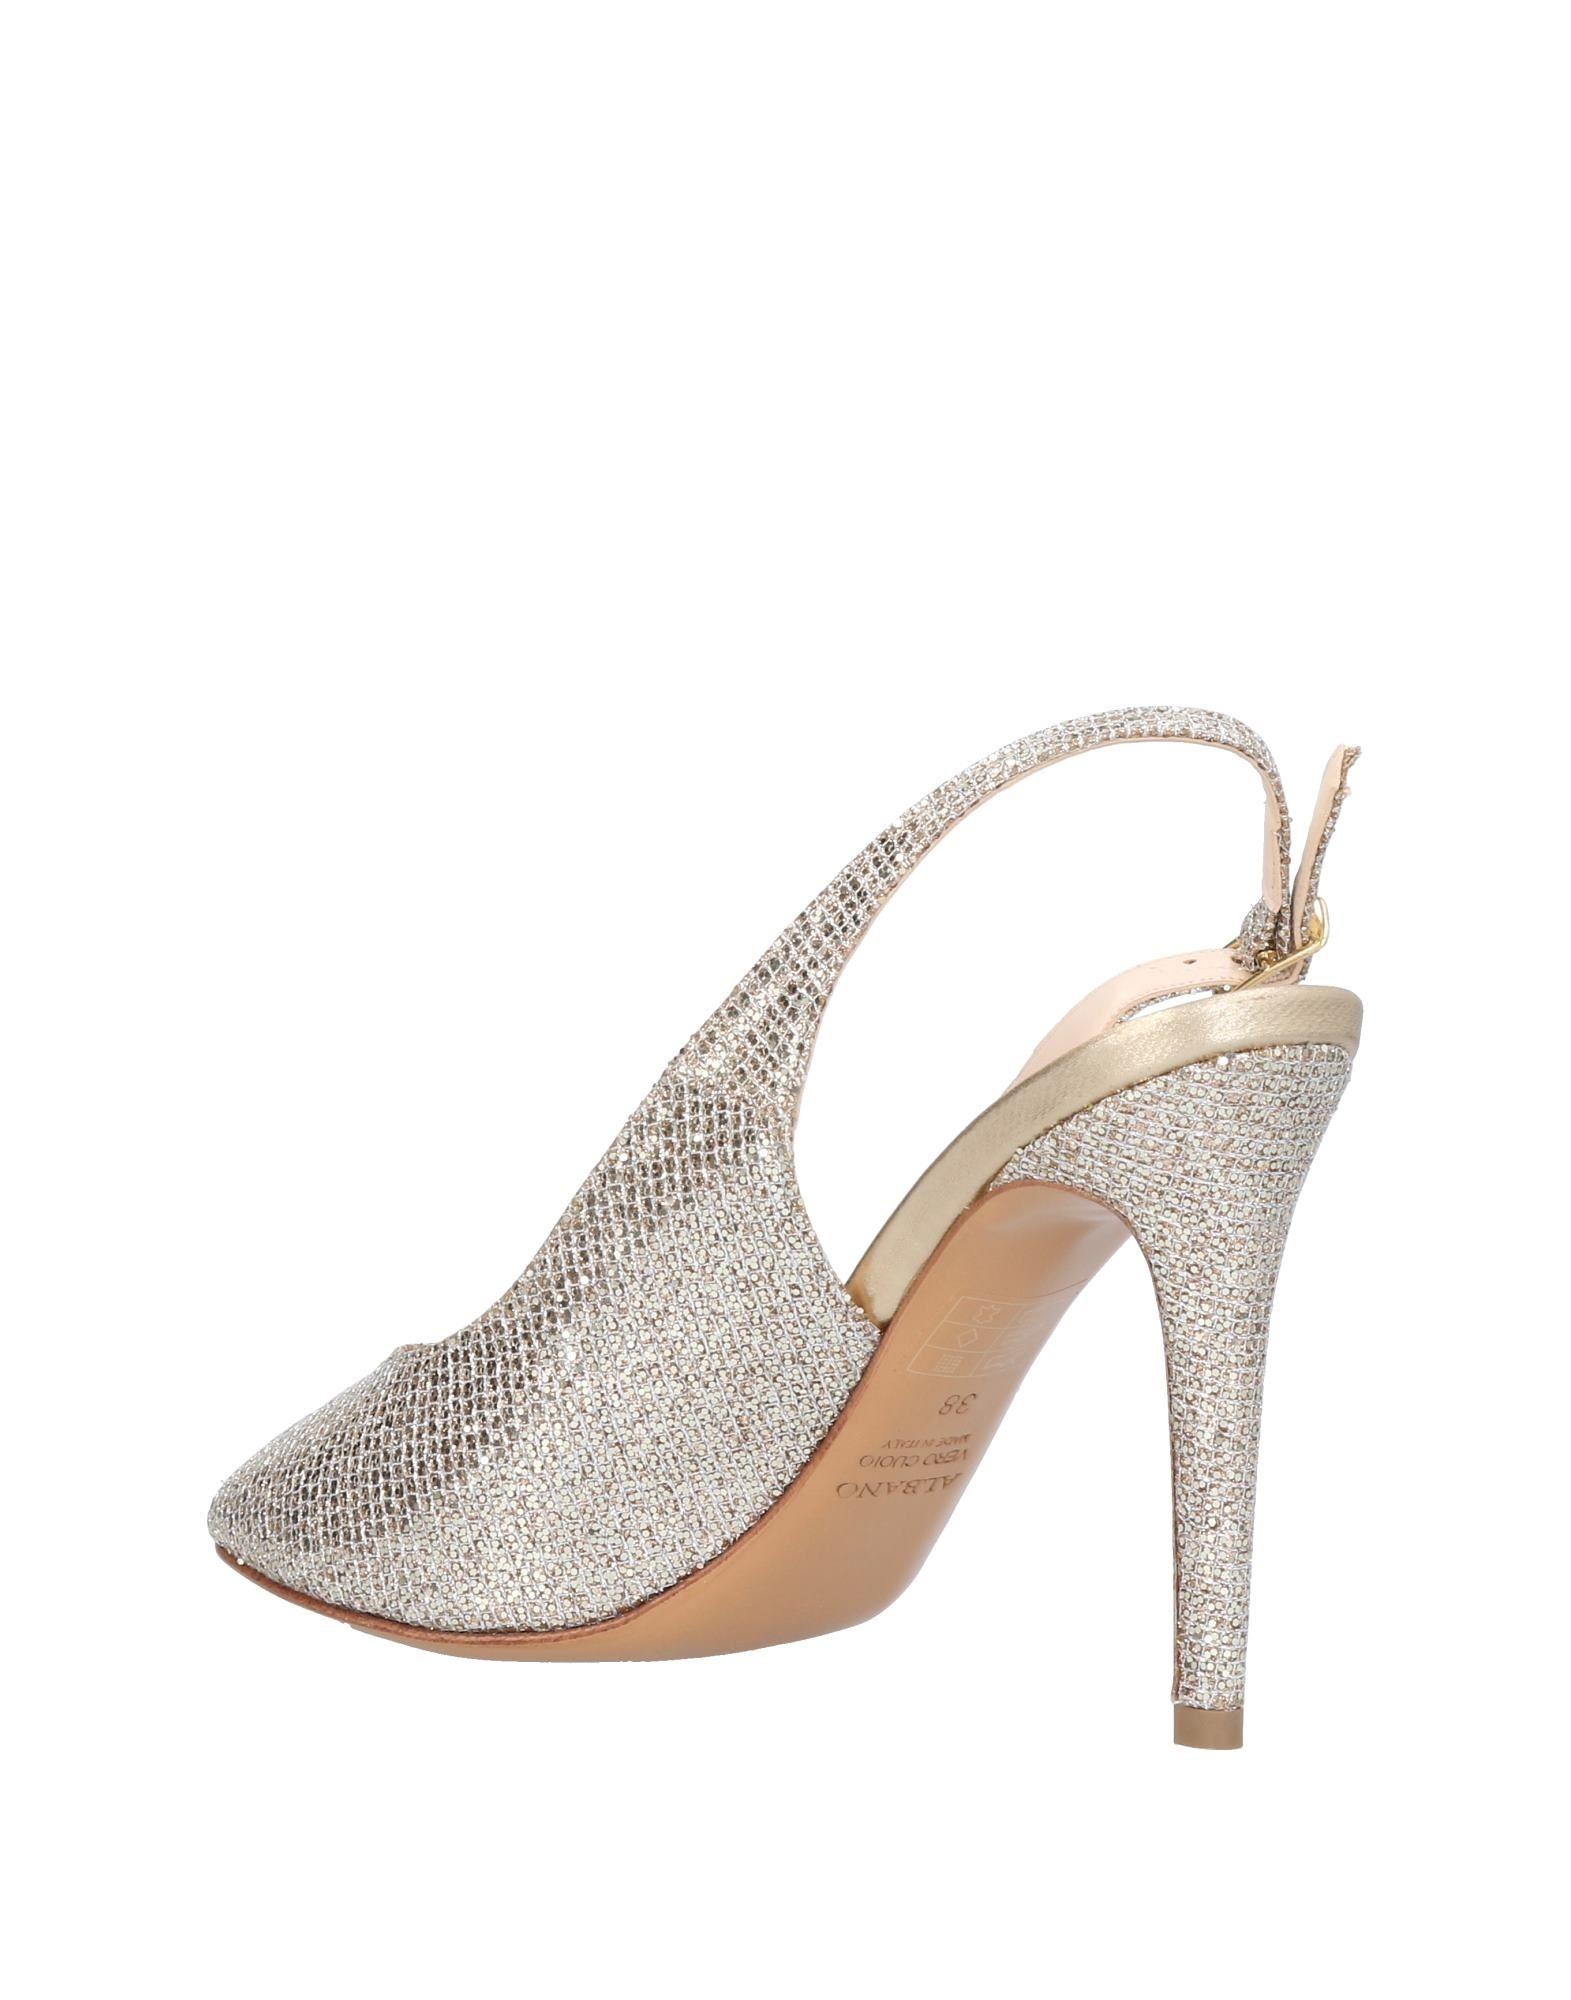 Albano Gute Sandalen Damen  11414904FI Gute Albano Qualität beliebte Schuhe a21246